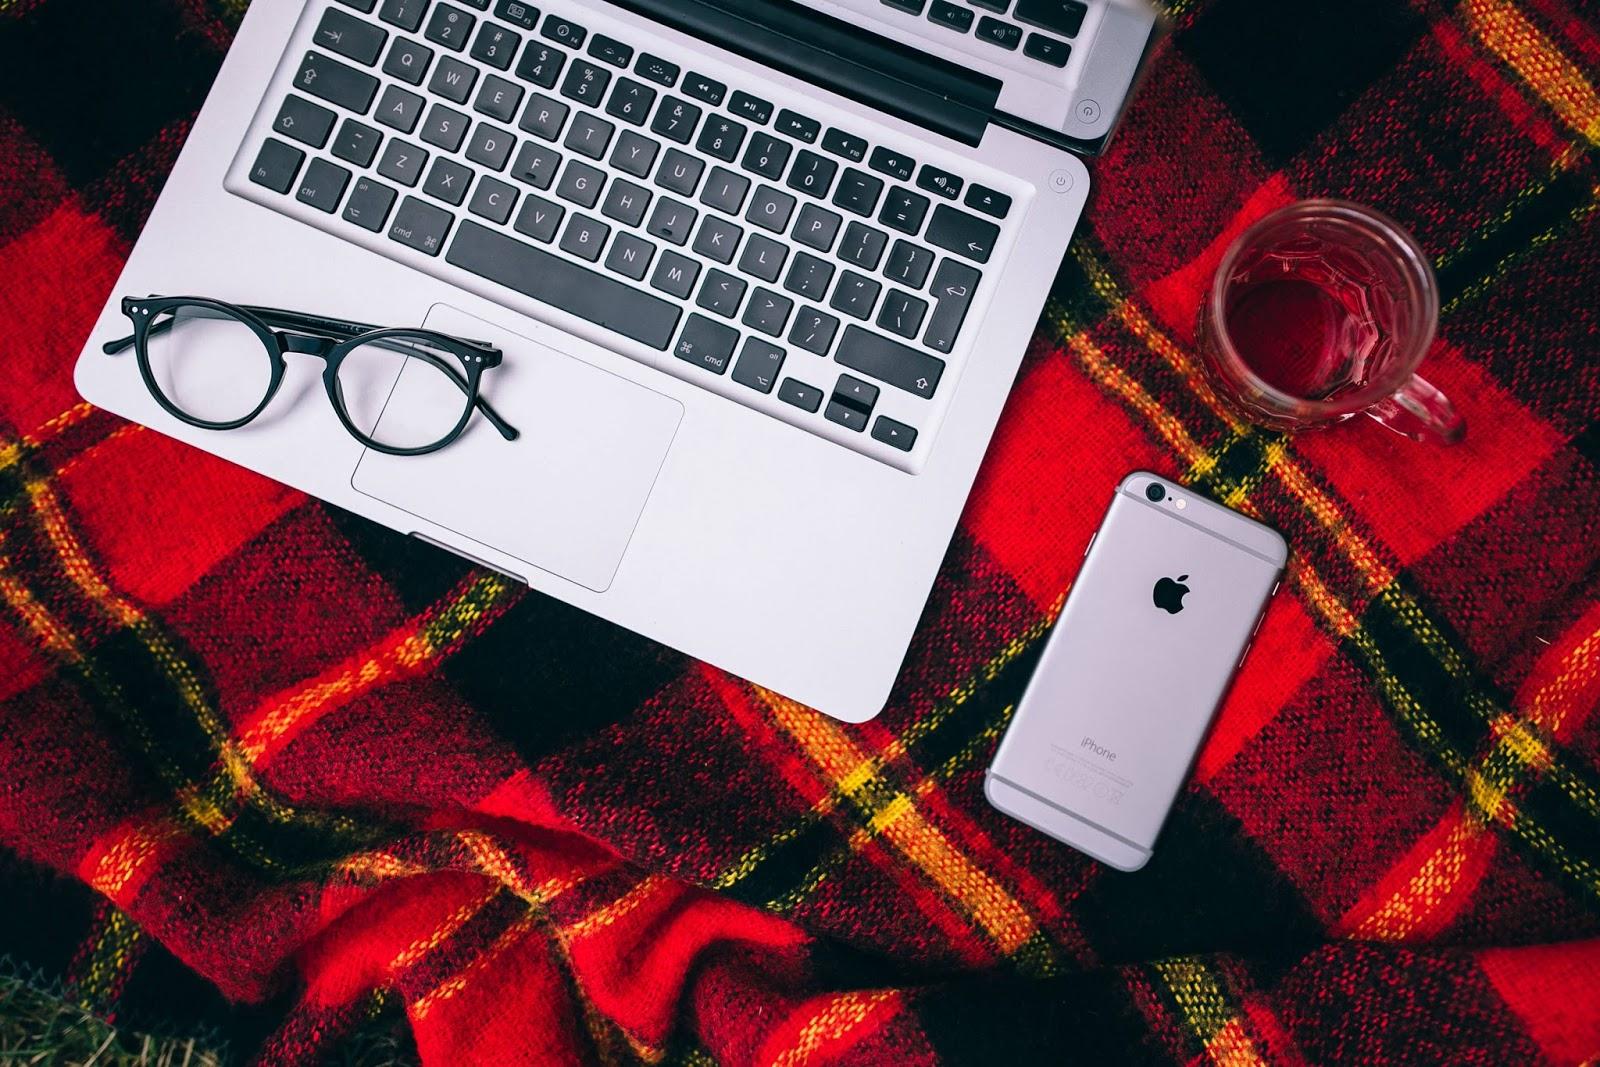 la perfezione uccide la comunicazione perchè?, www.fashionsobsessions.com,blogging, manuale errori da non commettere quando si inizia a lavorare sul web,cosa non fare per sentirsi meglio, come raggiungere gli obiettivi social, come si lavora sui social per guadagnare, zairadurso, @zairadurso, facebook, come ottimizzare al massimo facebook per creare un business